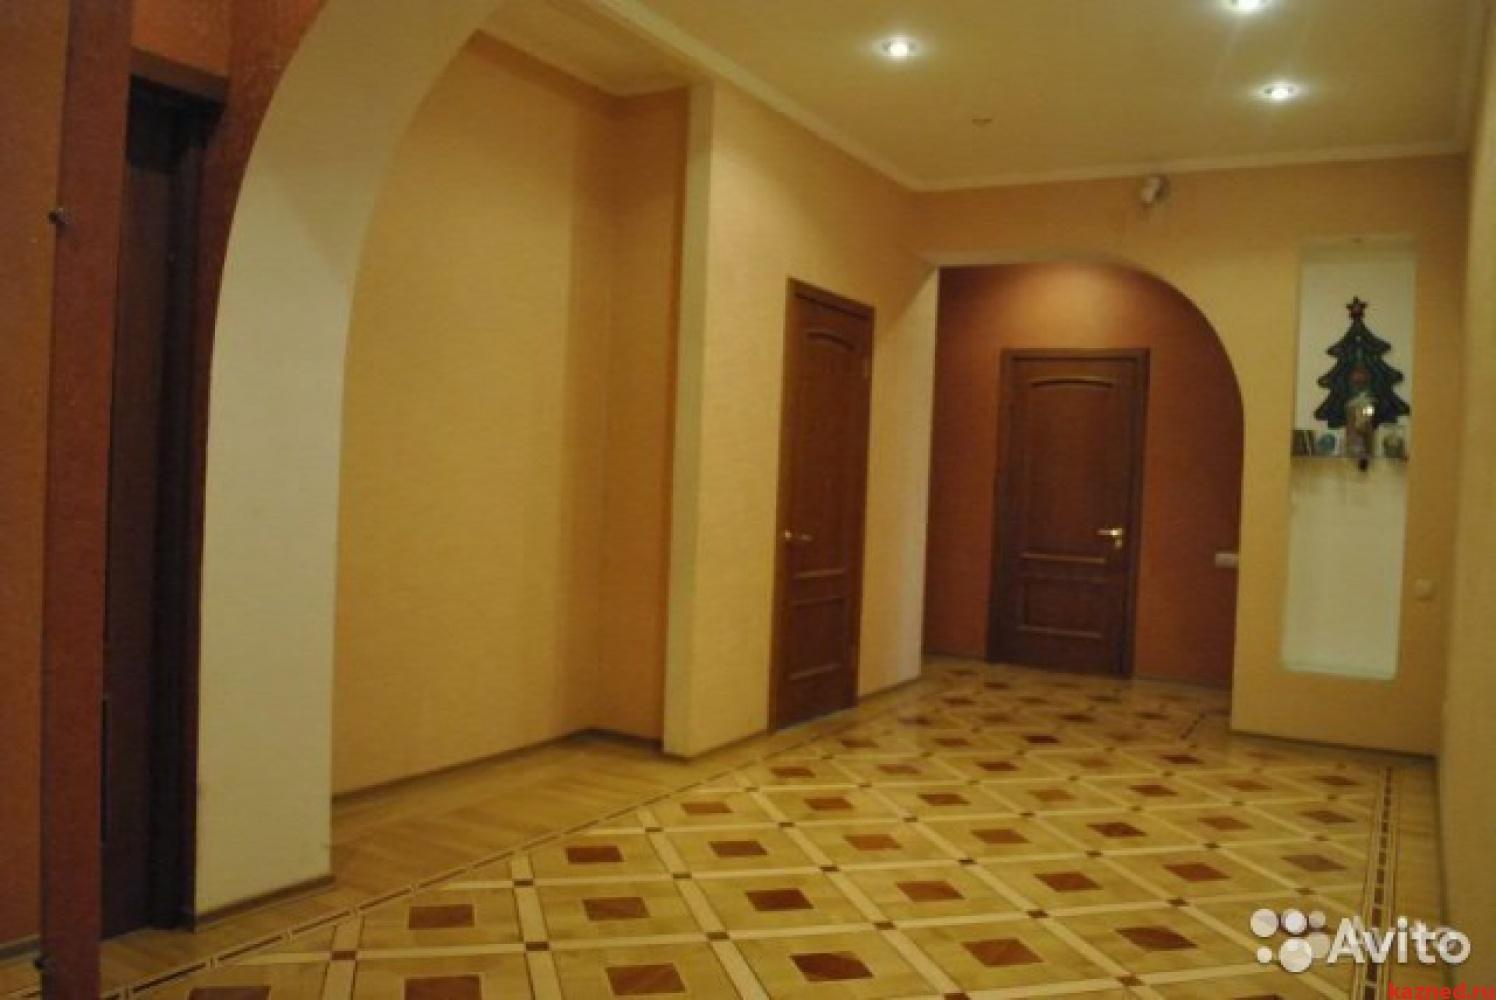 Продажа 3-к квартиры Николая Столярова,5, 117 м2  (миниатюра №3)